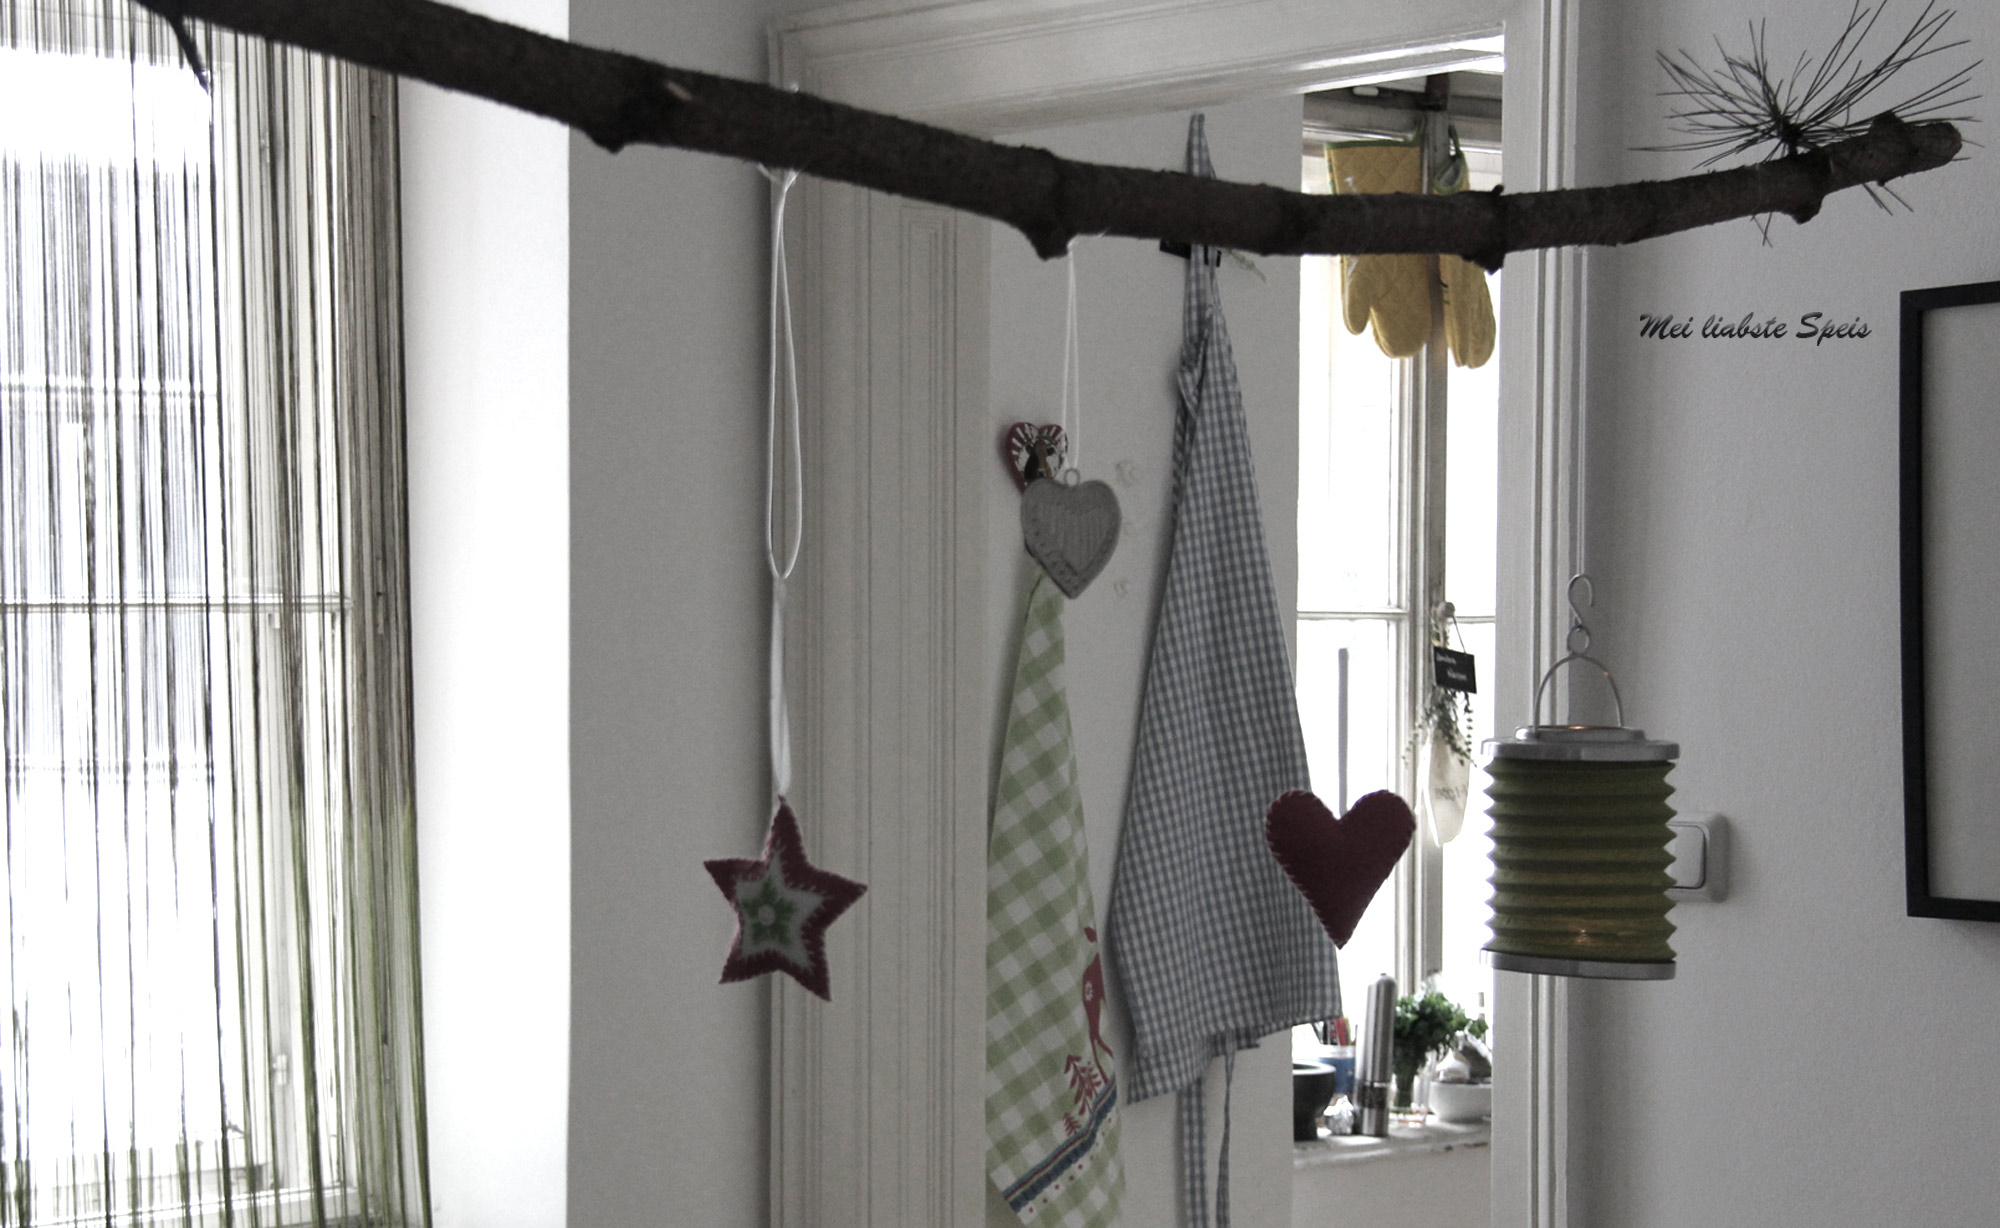 deko ideen jugendweihe die neueste innovation der innenarchitektur und m bel. Black Bedroom Furniture Sets. Home Design Ideas